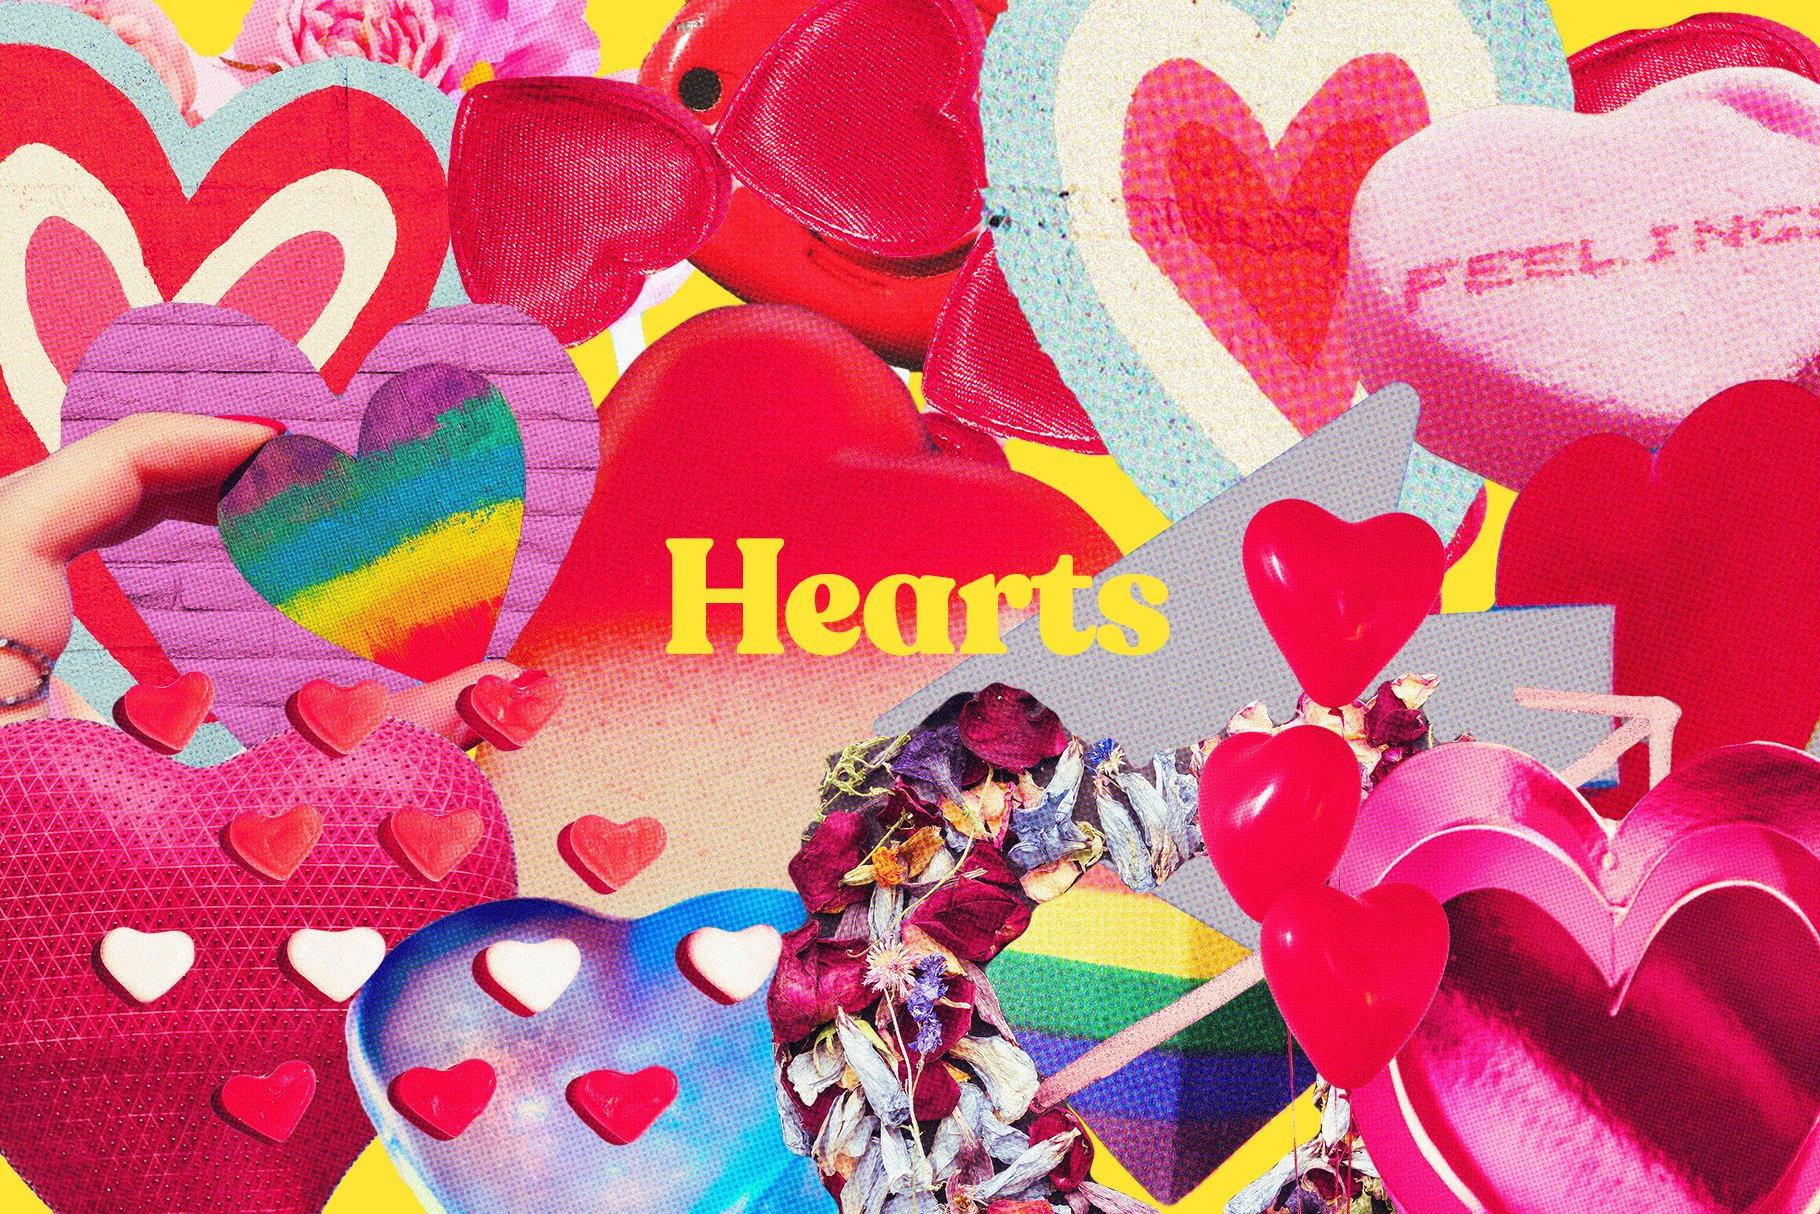 [单独购买] 47款情人节主题复古半调颗粒剪纸风格平面海报贺卡设计PS素材套装 Lovers Scrapbook – Valentines Cuts插图3